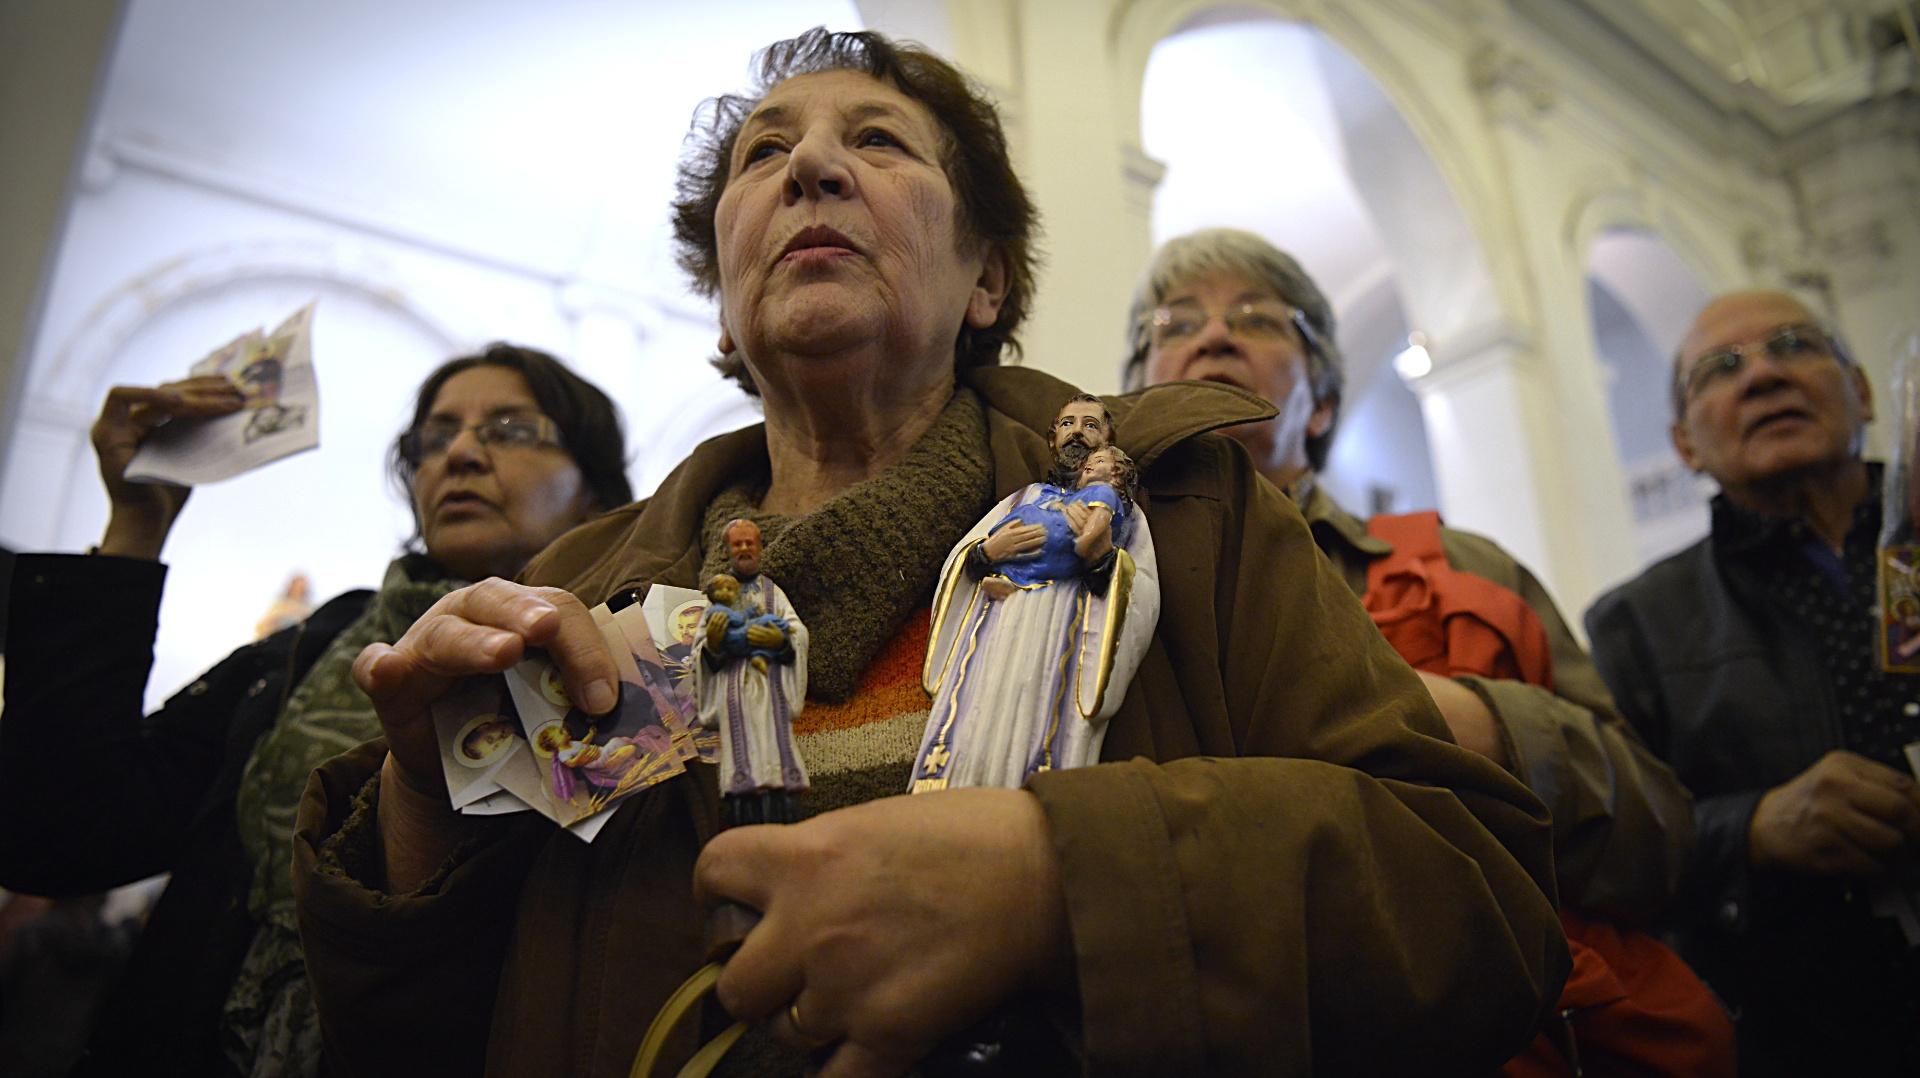 Miles de fieles se congregaron en el santuario de San Cayetano de Liniers para agradecer y pedir al santo de la Providencia por trabajo